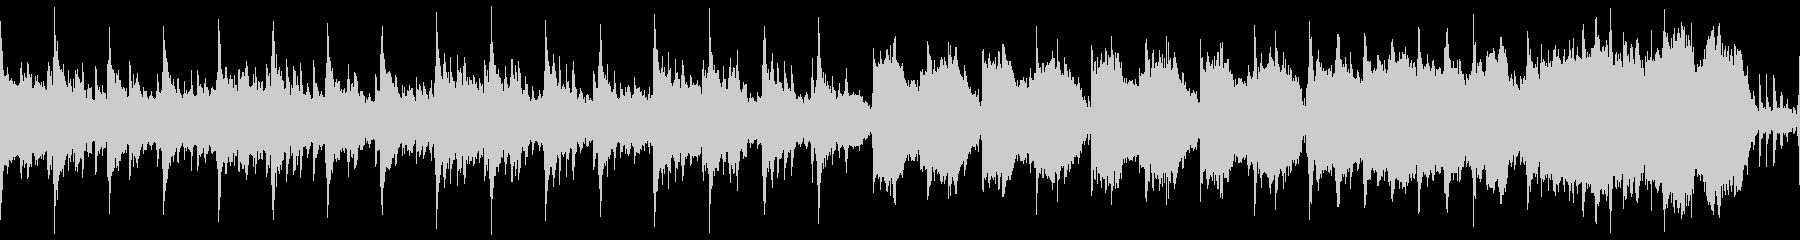 中世の不穏なゴシック曲(ループ)の未再生の波形